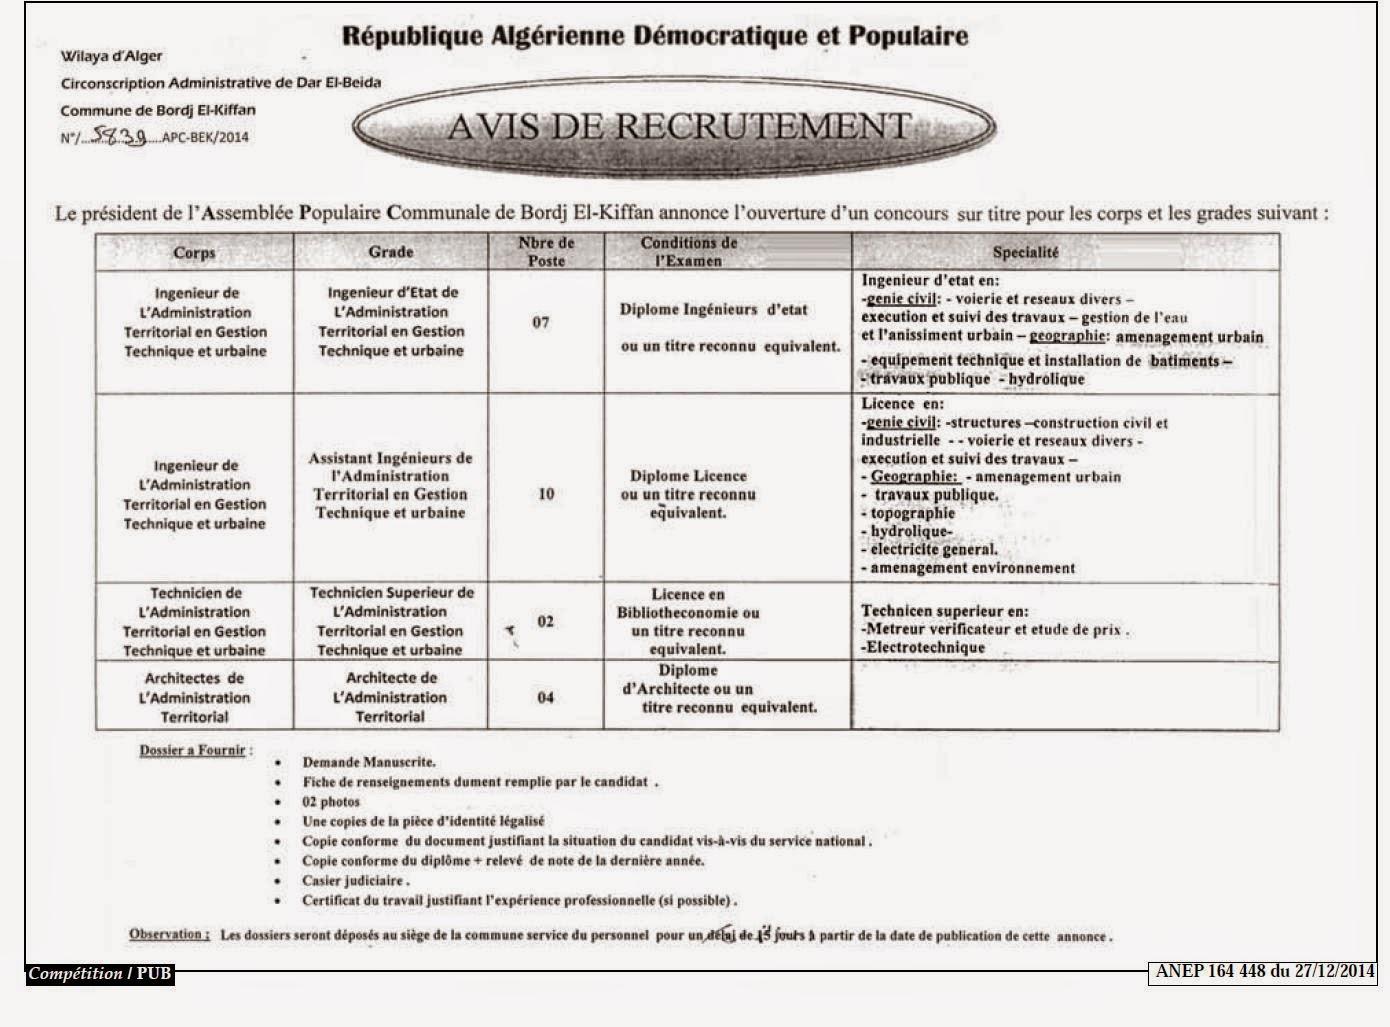 مسابقة توظيف ببلدية برج الكيفان ولاية الجزائر